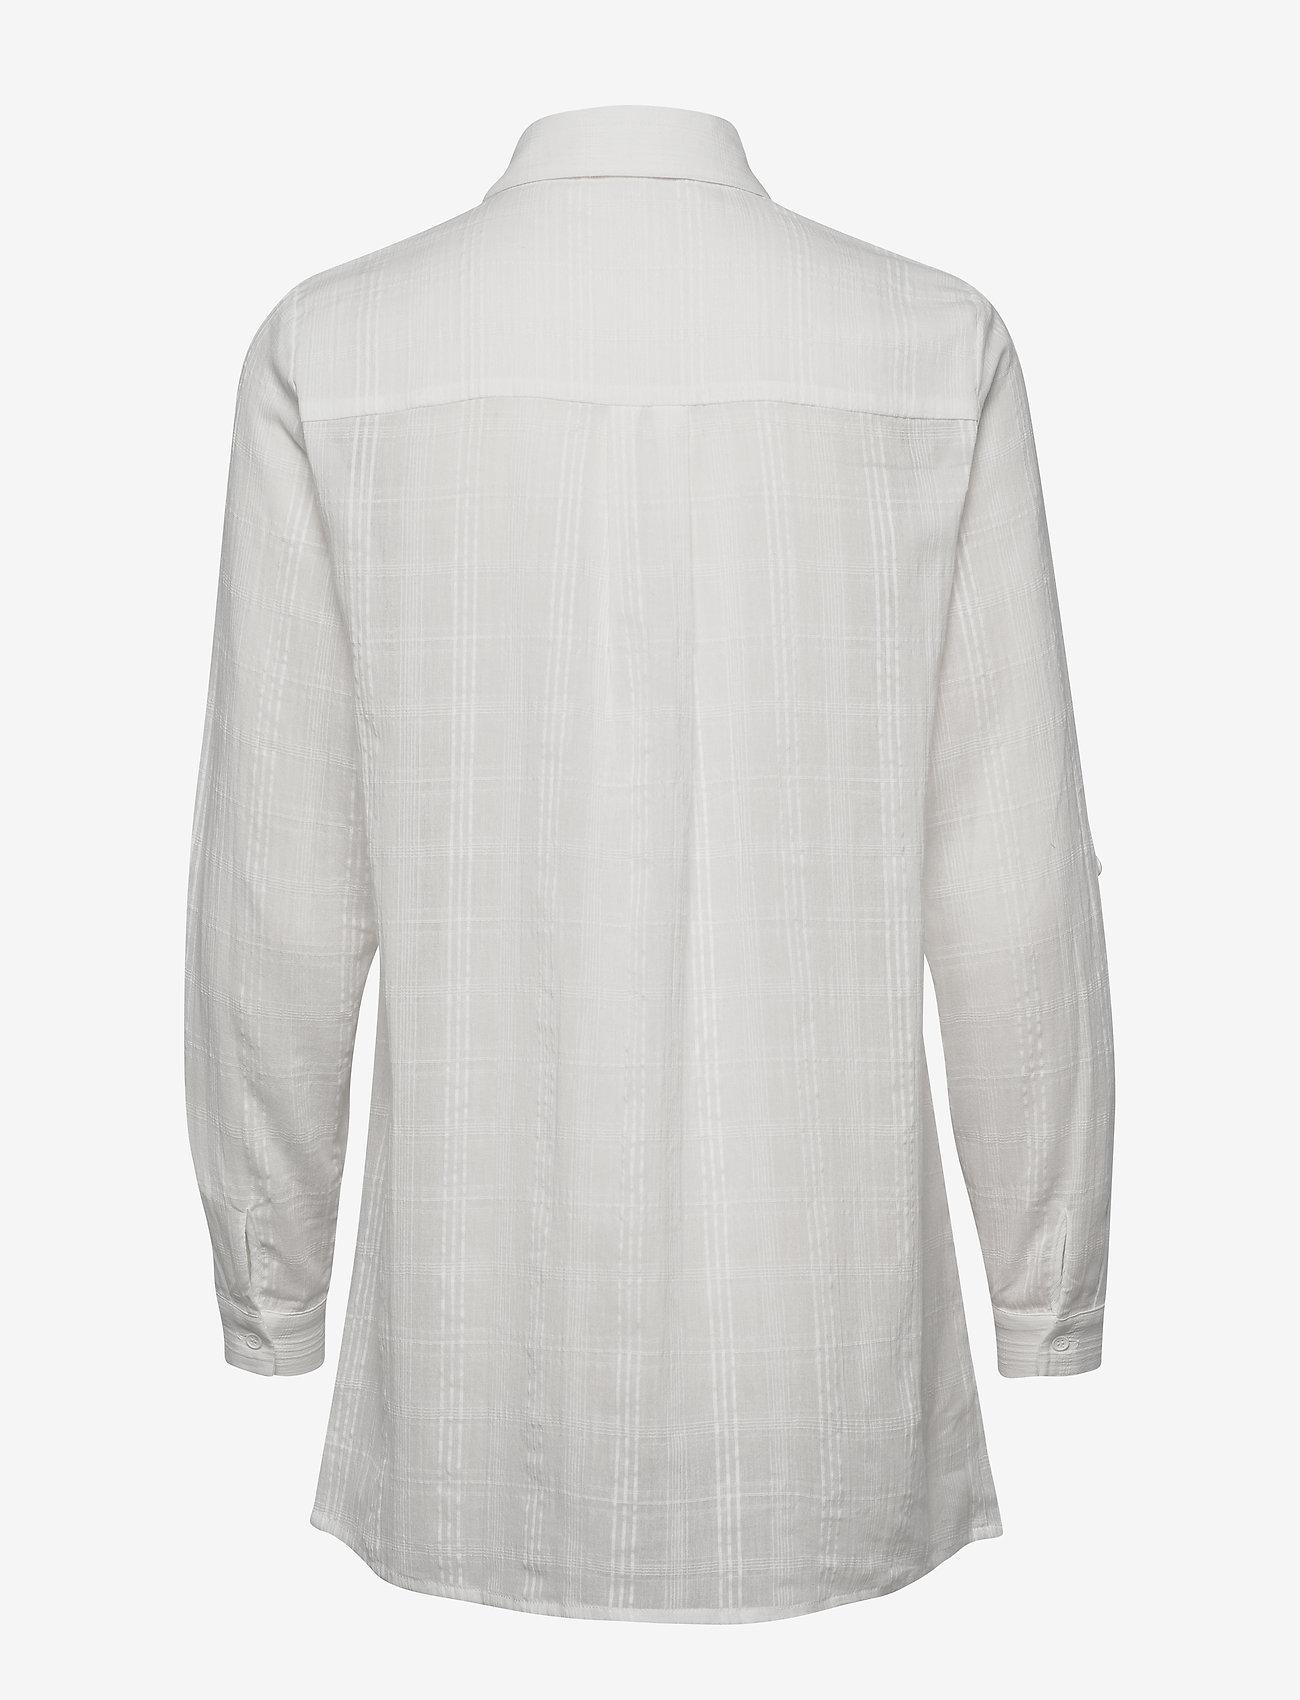 Minus - Melfi shirt - chemises à manches longues - cloud dancer - 1